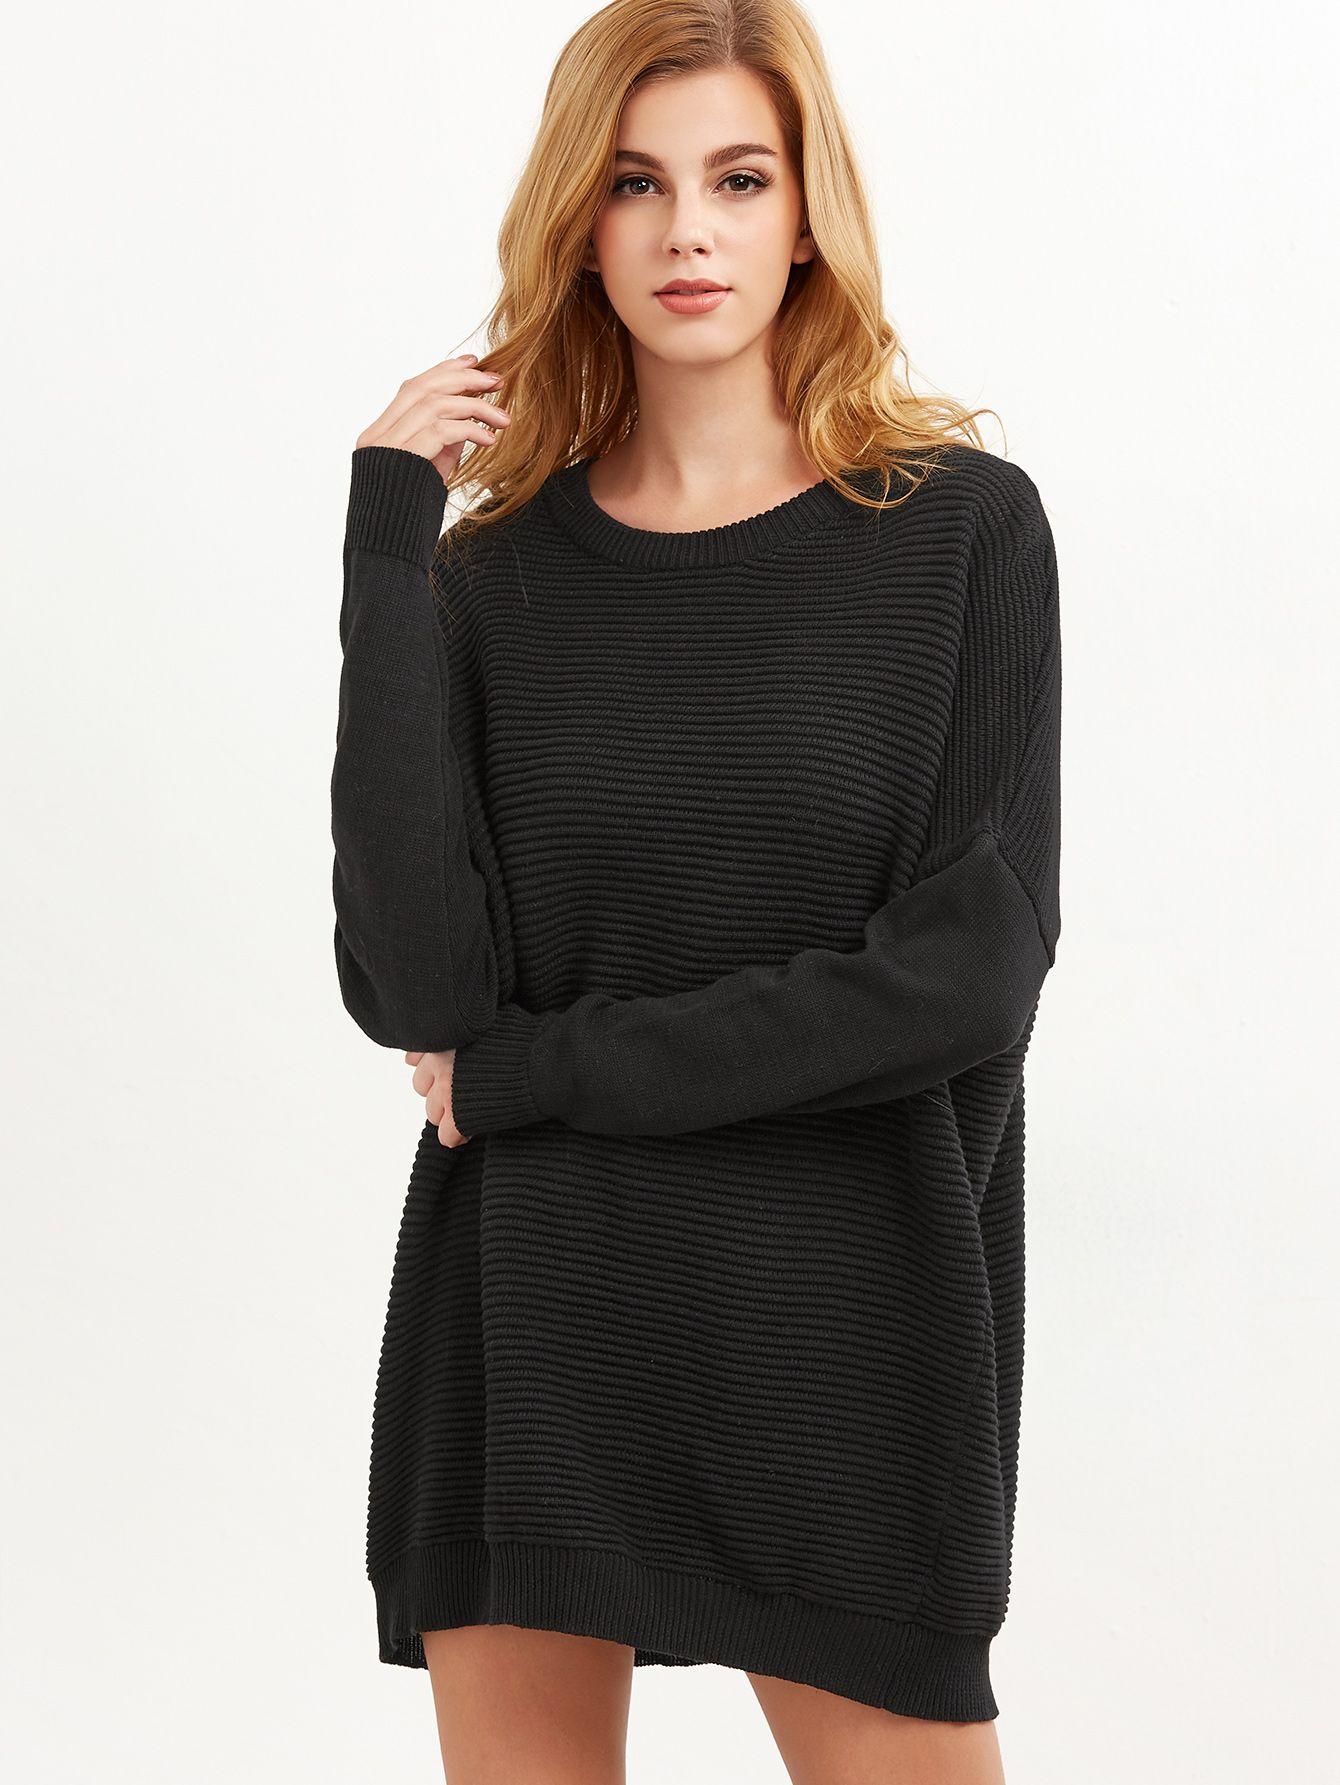 Black Ribbed Knit Drop Shoulder Oversized Sweater — 0.00 ...